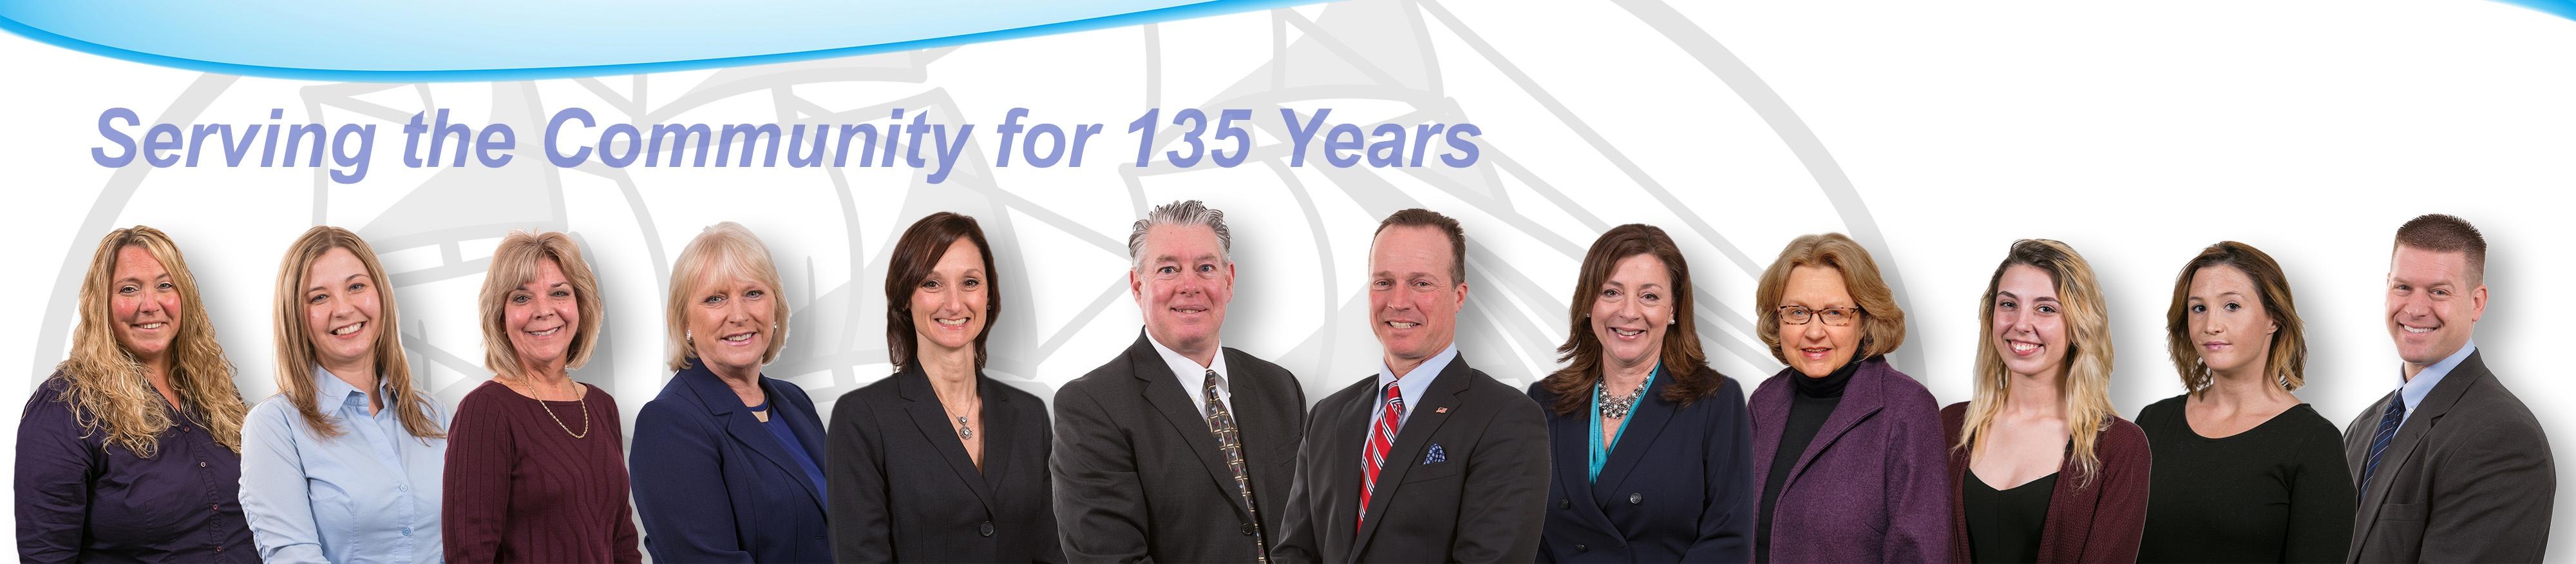 Massachusetts Home Insurance Car Insurance